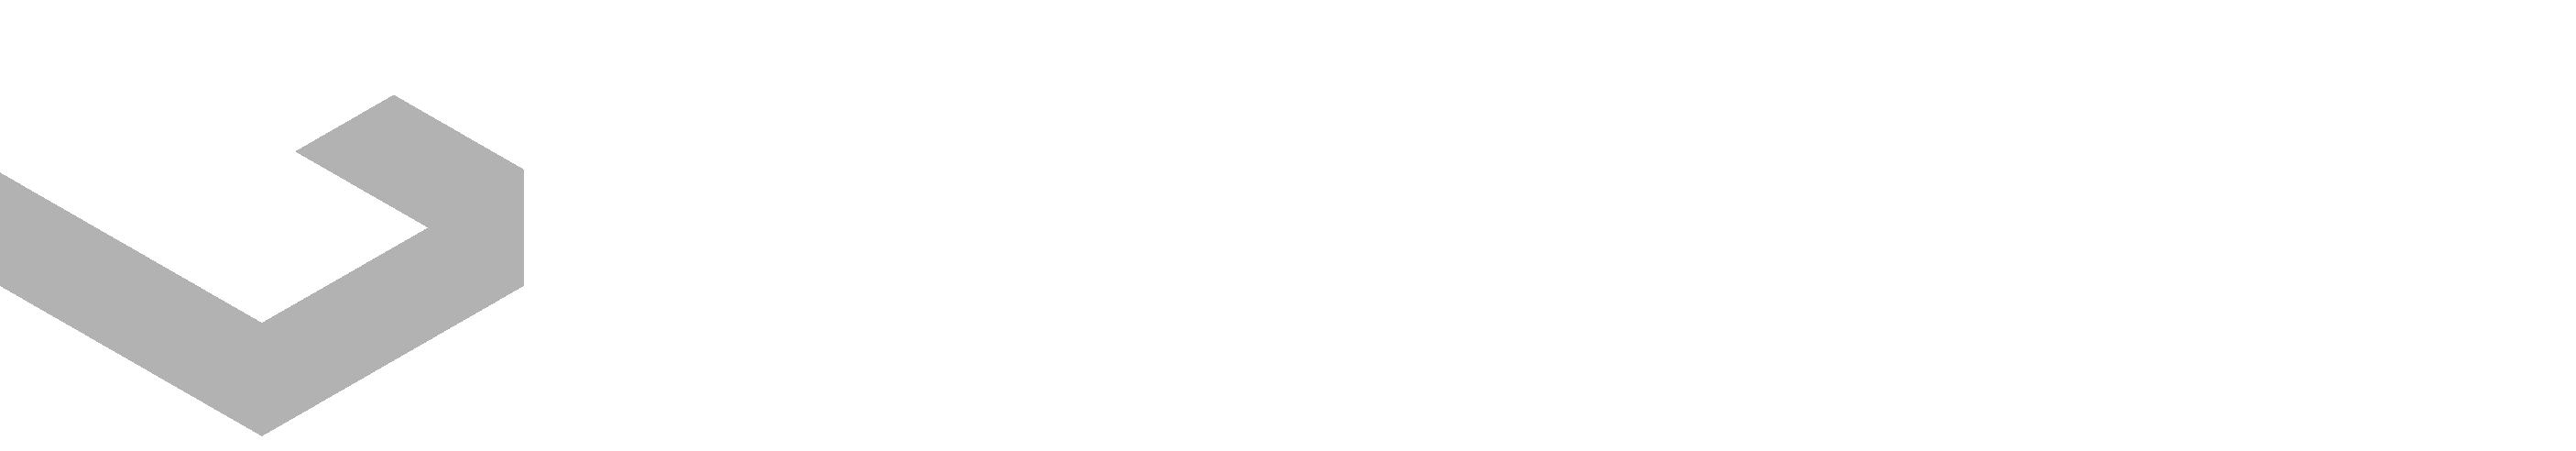 RHYBOOT